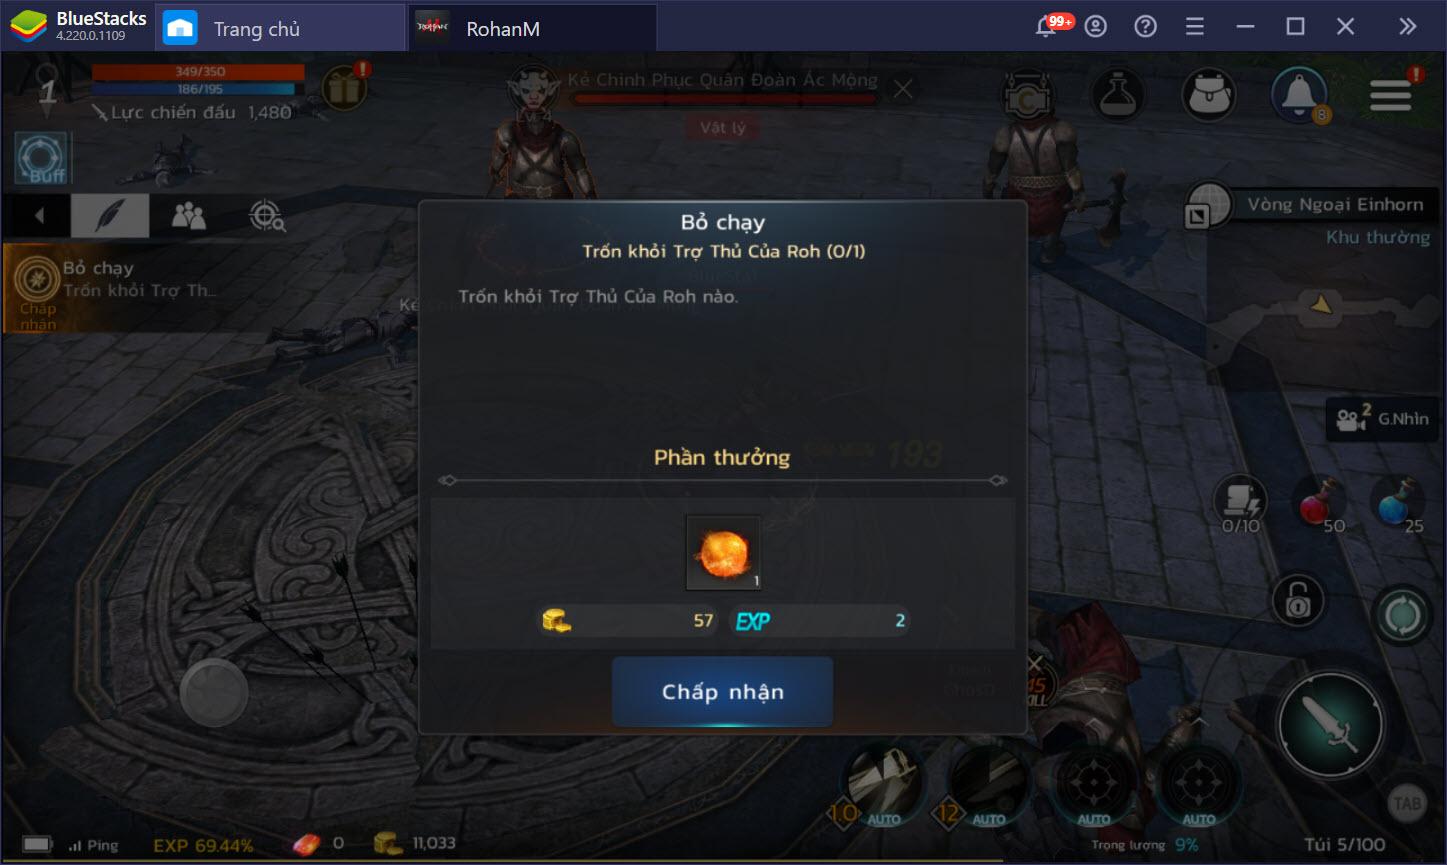 Tận hưởng những trận chiến bất tận trong ROHAN M trên PC với BlueStacks